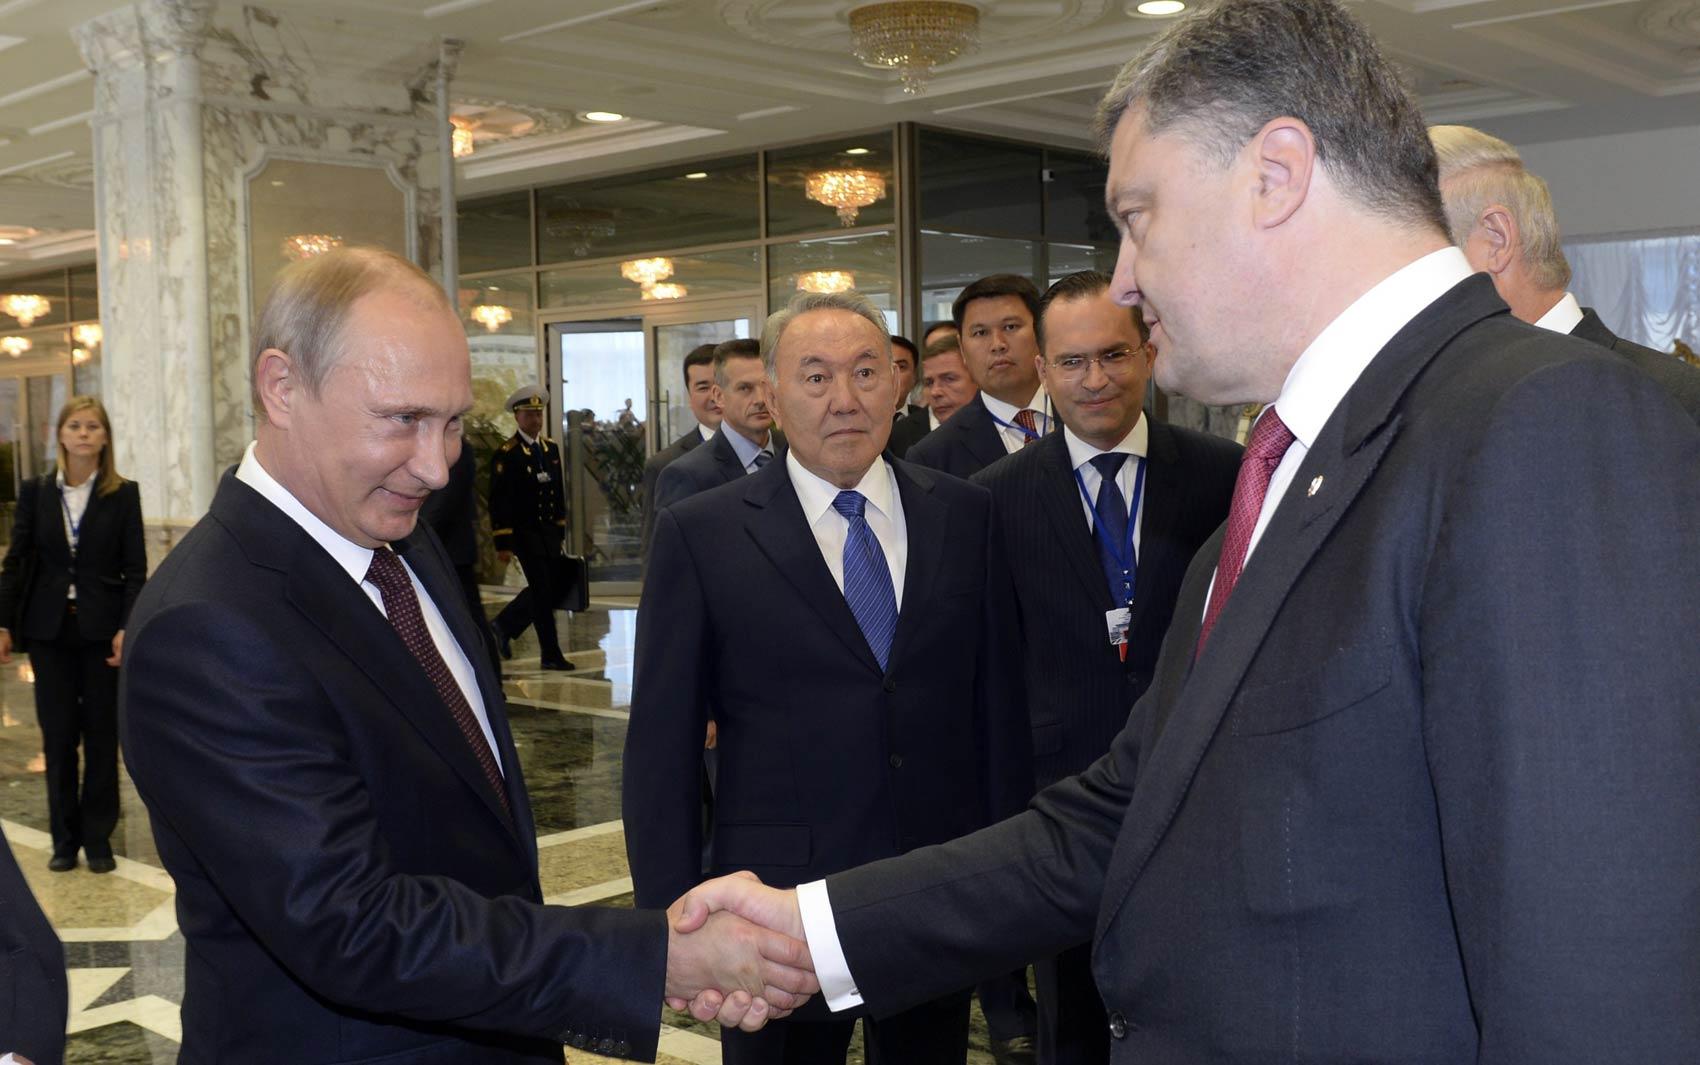 Os presidentes Vladimir Putin (esq.), da Rússia, e Petro Poroshenko (dir.) da Ucrânia, dão aperto de mão em Minsk, Belarus. Foi o primeiro encontro entre os dois desde junho para falar sobre a crise entre os dois países